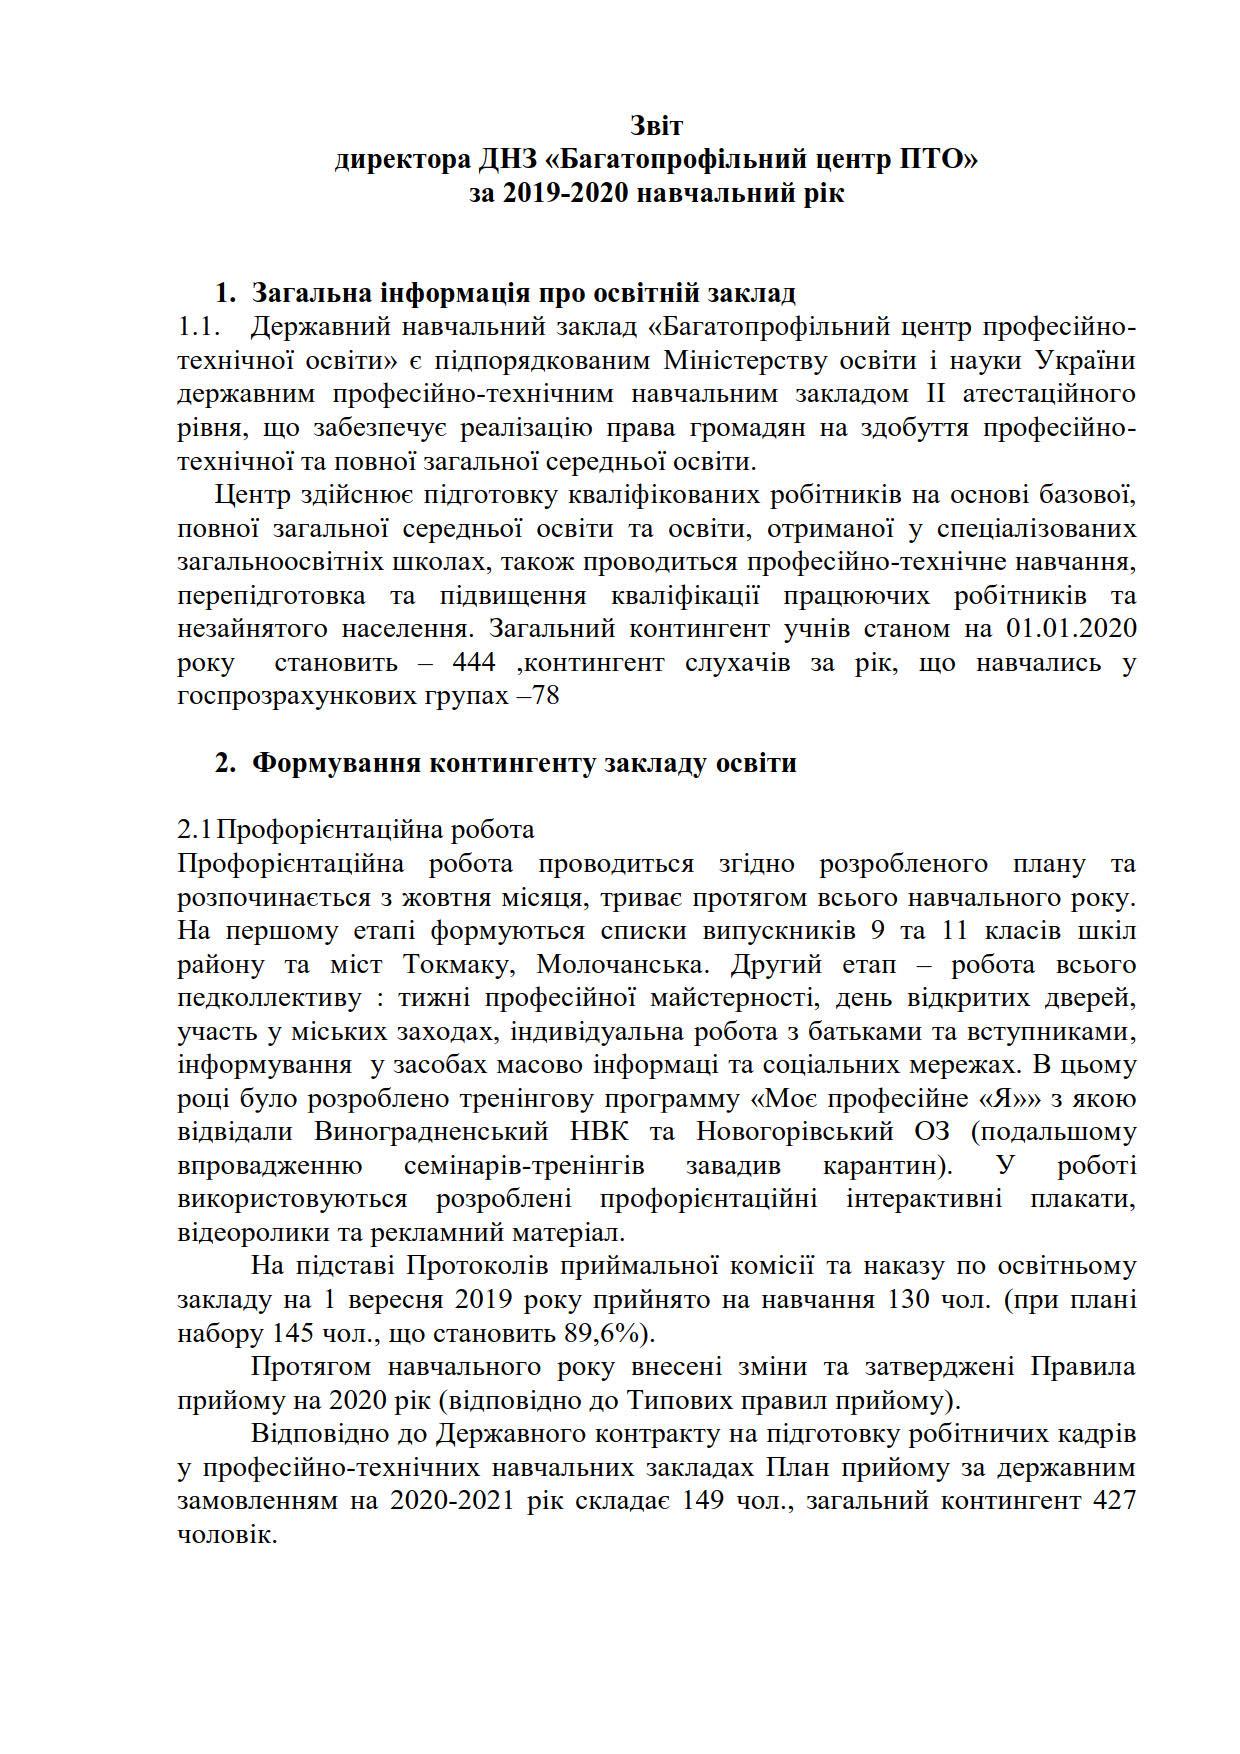 Звіт-директора-2019-2020_01